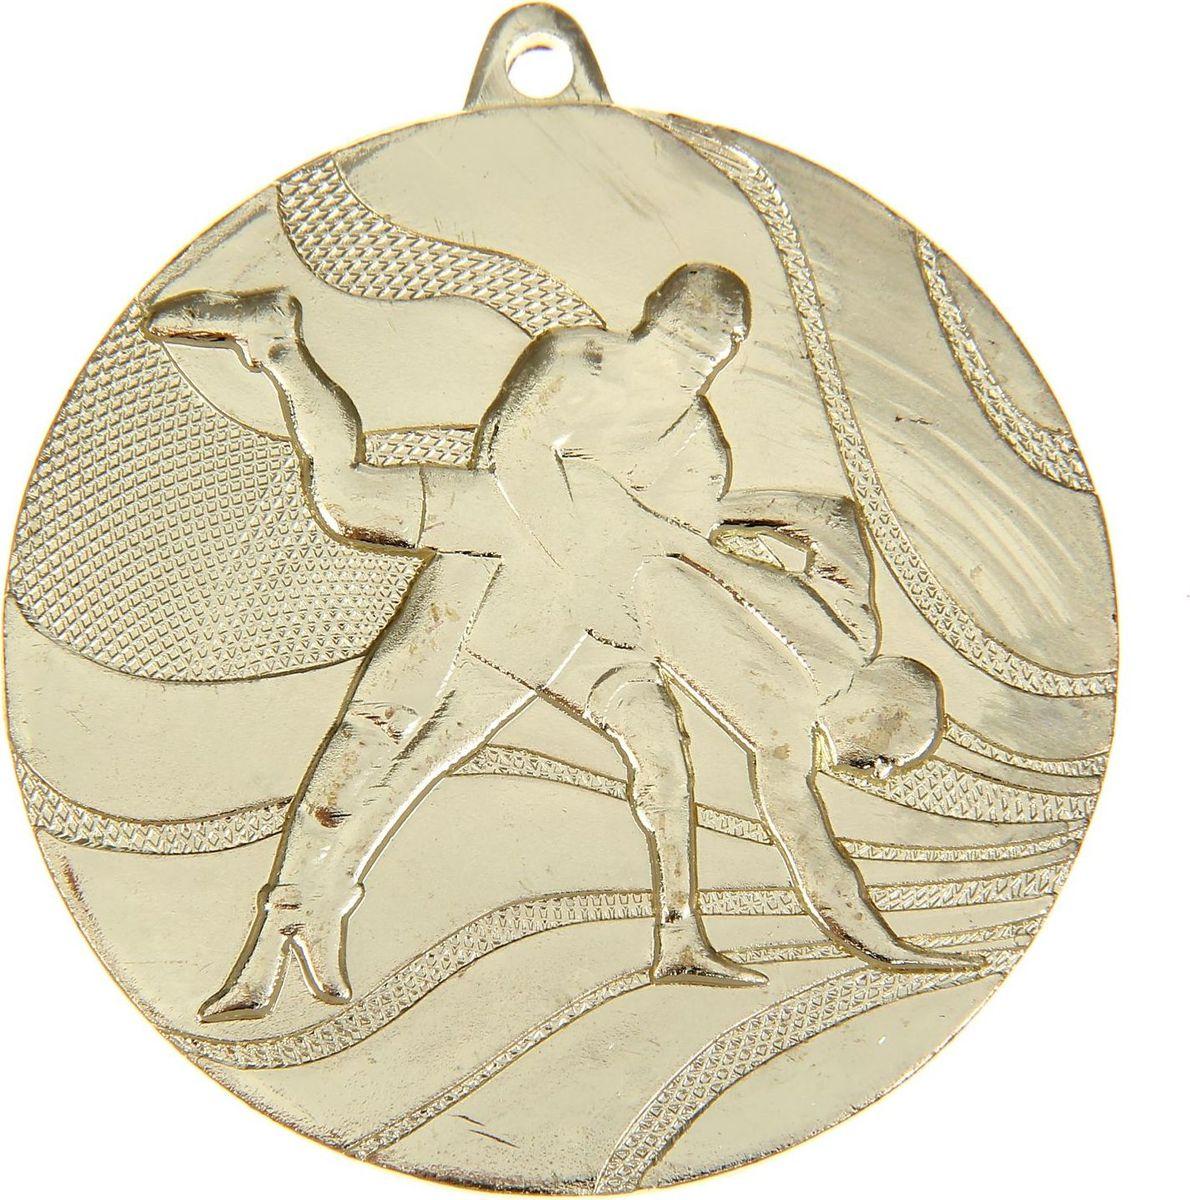 Медаль сувенирная Вольная борьба, цвет: золотистый, диаметр 5 см. 0401108670Заслуженный приз! Долгие изнурительные тренировки, напряжение перед соревнованием… Наконец ты вышел и показал всё, на что способен. И вот она — победа! — награда для настоящего чемпиона. Пусть каждый видит, кому именно сегодня покорился пьедестал. Блестящая награда на груди станет лучшим ответом скептикам и всегда будет напоминать, что упорный труд непременно вознаграждается. Наступит завтрашний день, и своё лидерство нужно будет доказывать заново. Ну а пока победитель сможет наслаждаться триумфом, глядя на эту медаль.Характеристики: Диаметр медали: 5 см Диаметр вкладыша (оборот): 4,5 см. Сверху расположено отверстие для крепления ленты.